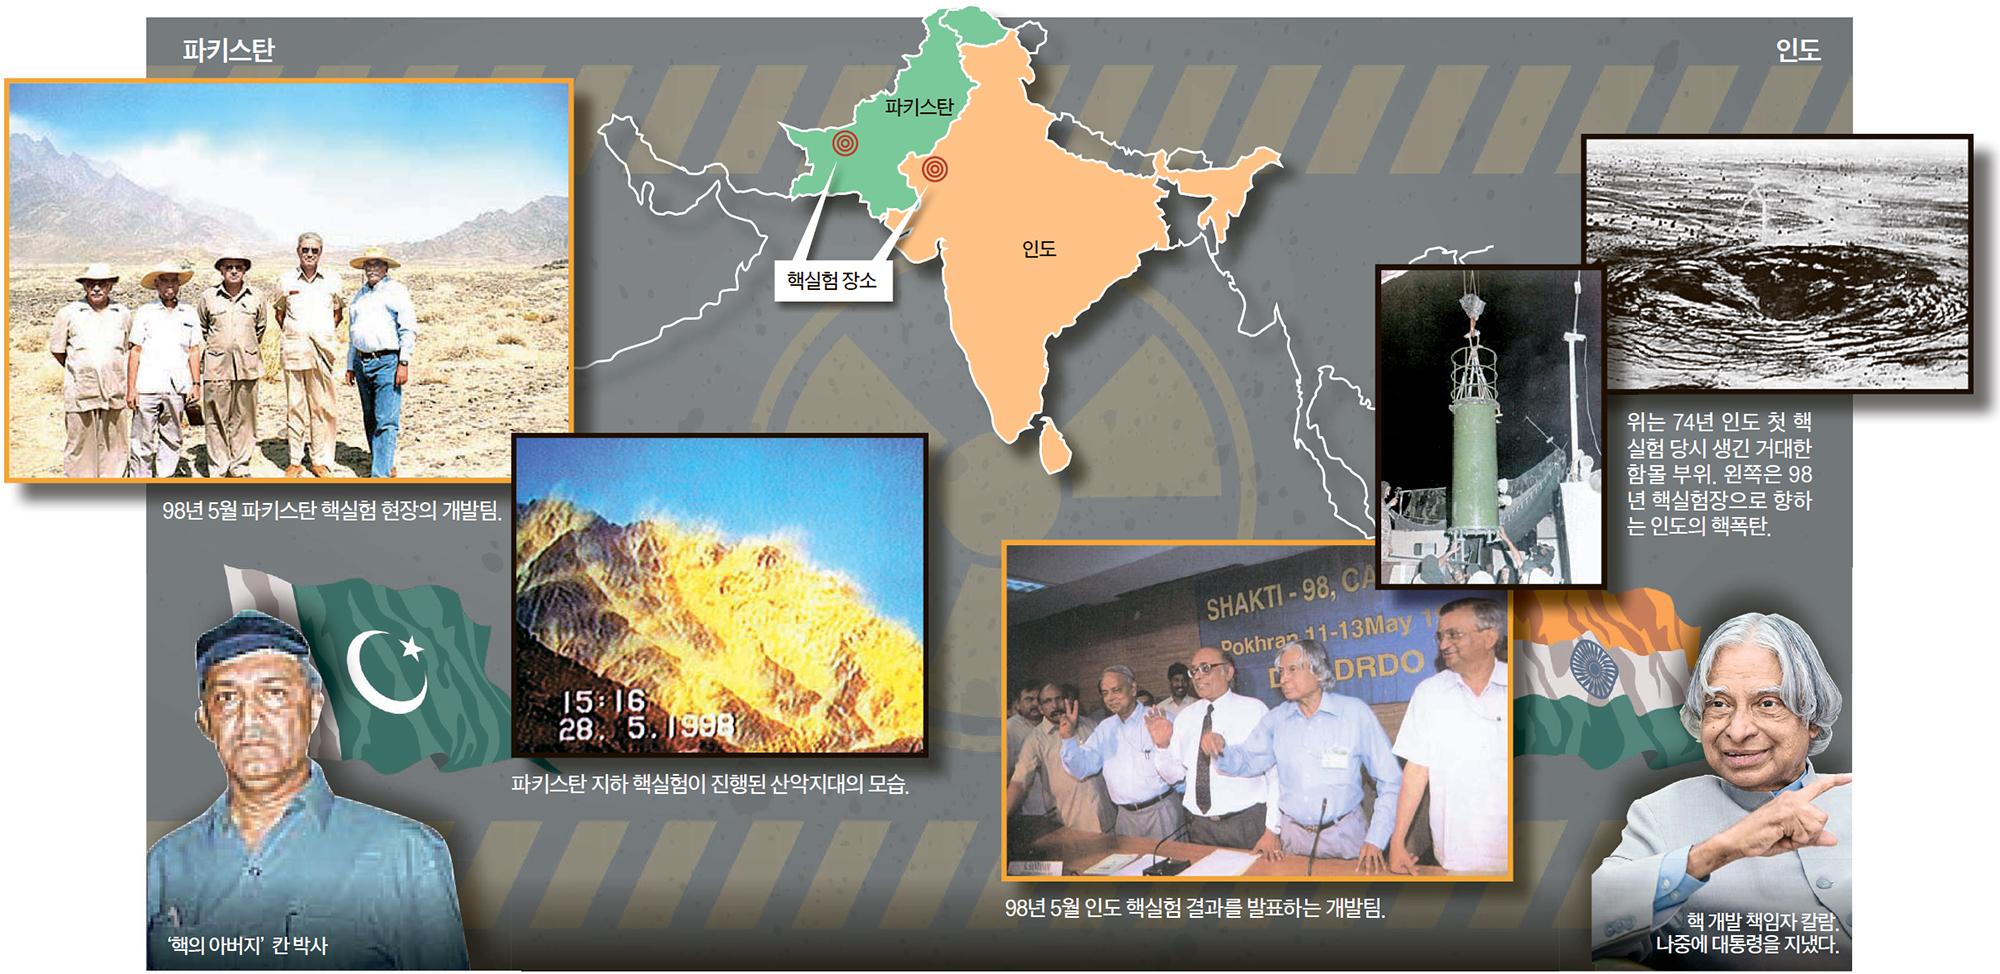 독립 과정에서 분리된 인도와 파키스탄은 끊임없이 경쟁해 왔다. 핵 개발도 이러한 국가 경쟁 속에서 나타났다. 1998년 5월 10·13일 인도가 핵실험을 하자 파키스탄은 28·30일 맞대응했다. [중앙포토]